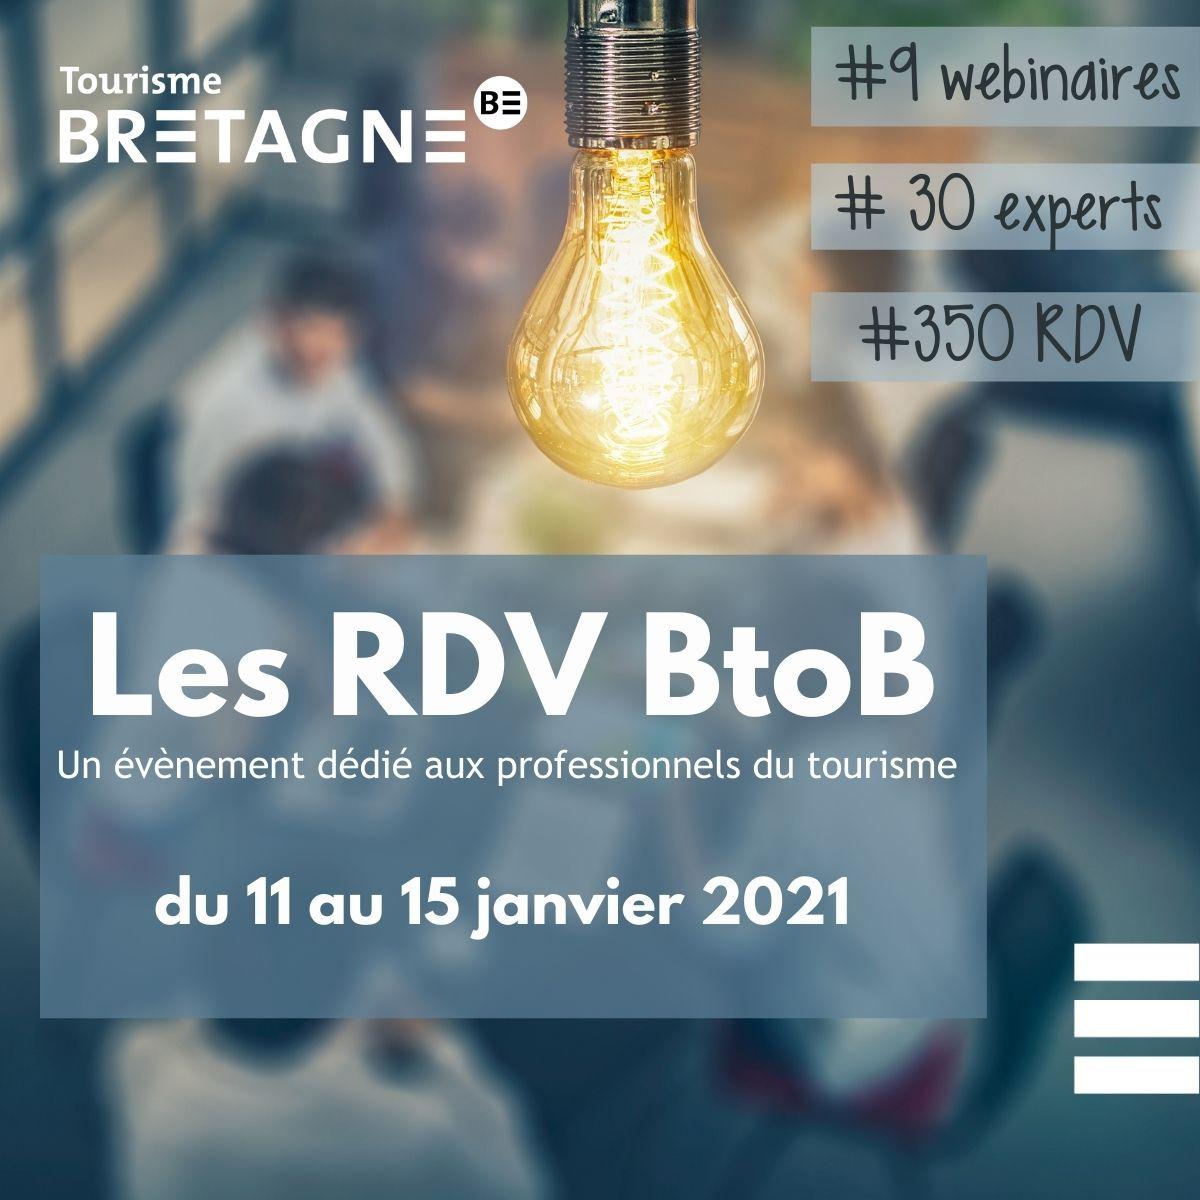 Les « Rendez-vous BtoB » du 11 au 15 janvier 2021 du CRT Bretagne